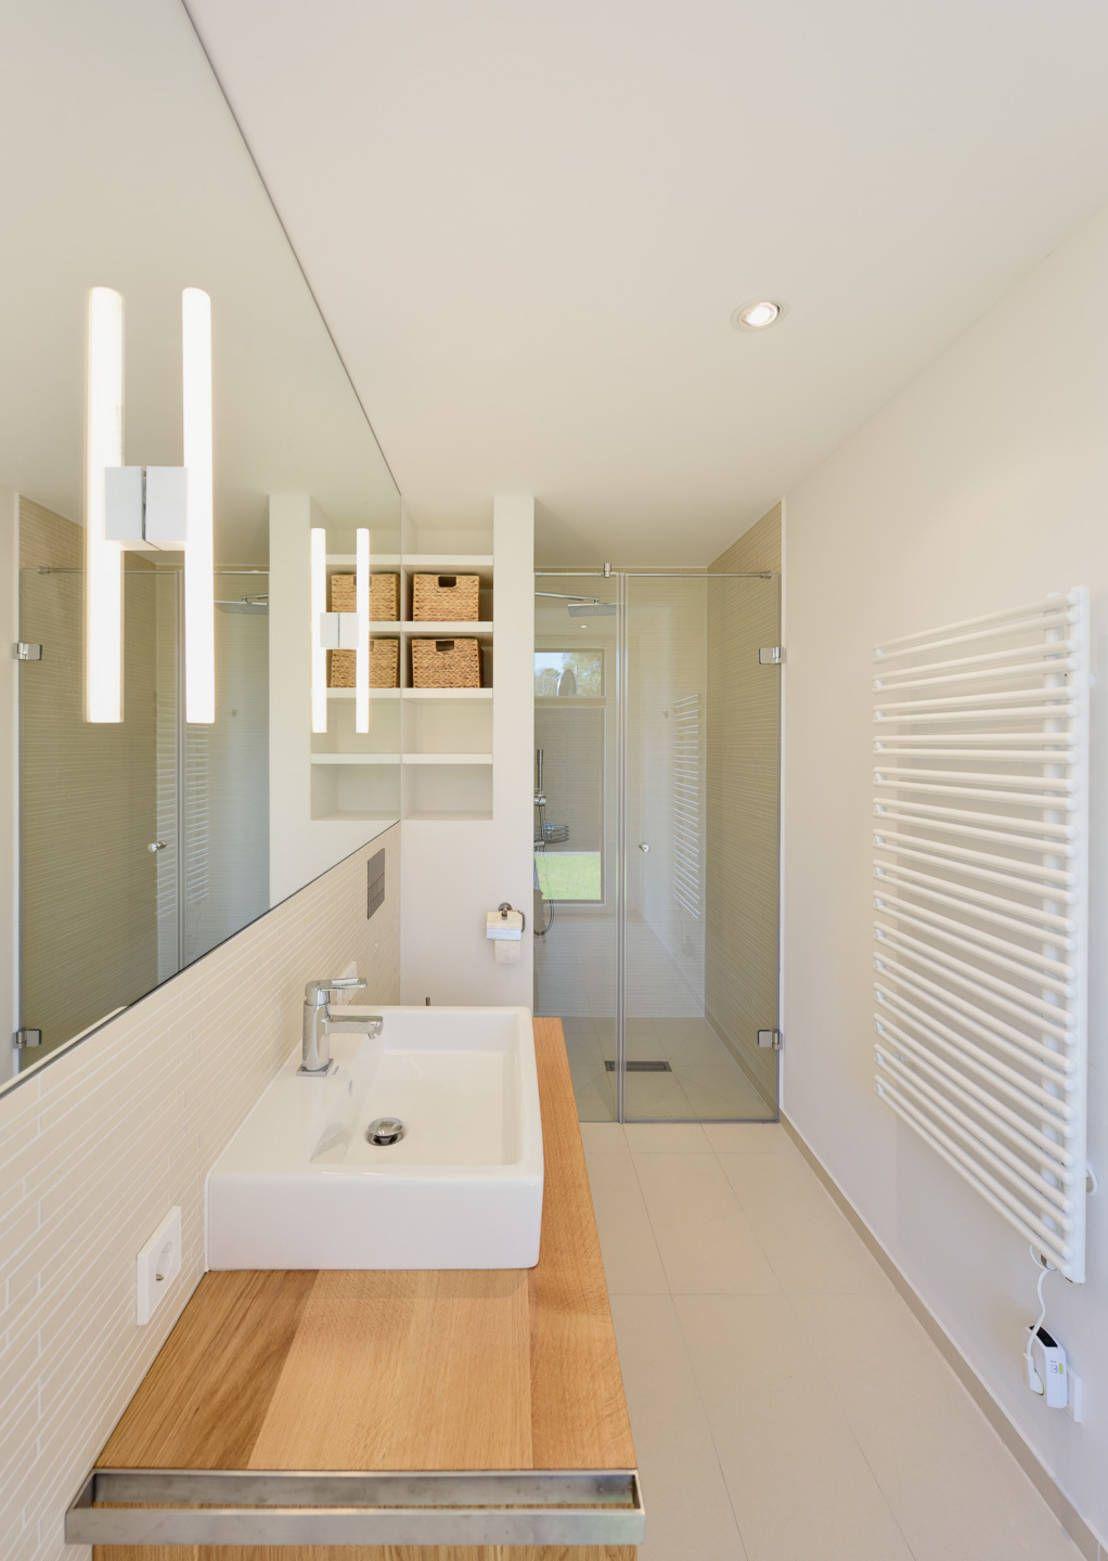 Bad Gestalten Ideen 6 ideen um kleine badezimmer zu gestalten kleine badezimmer